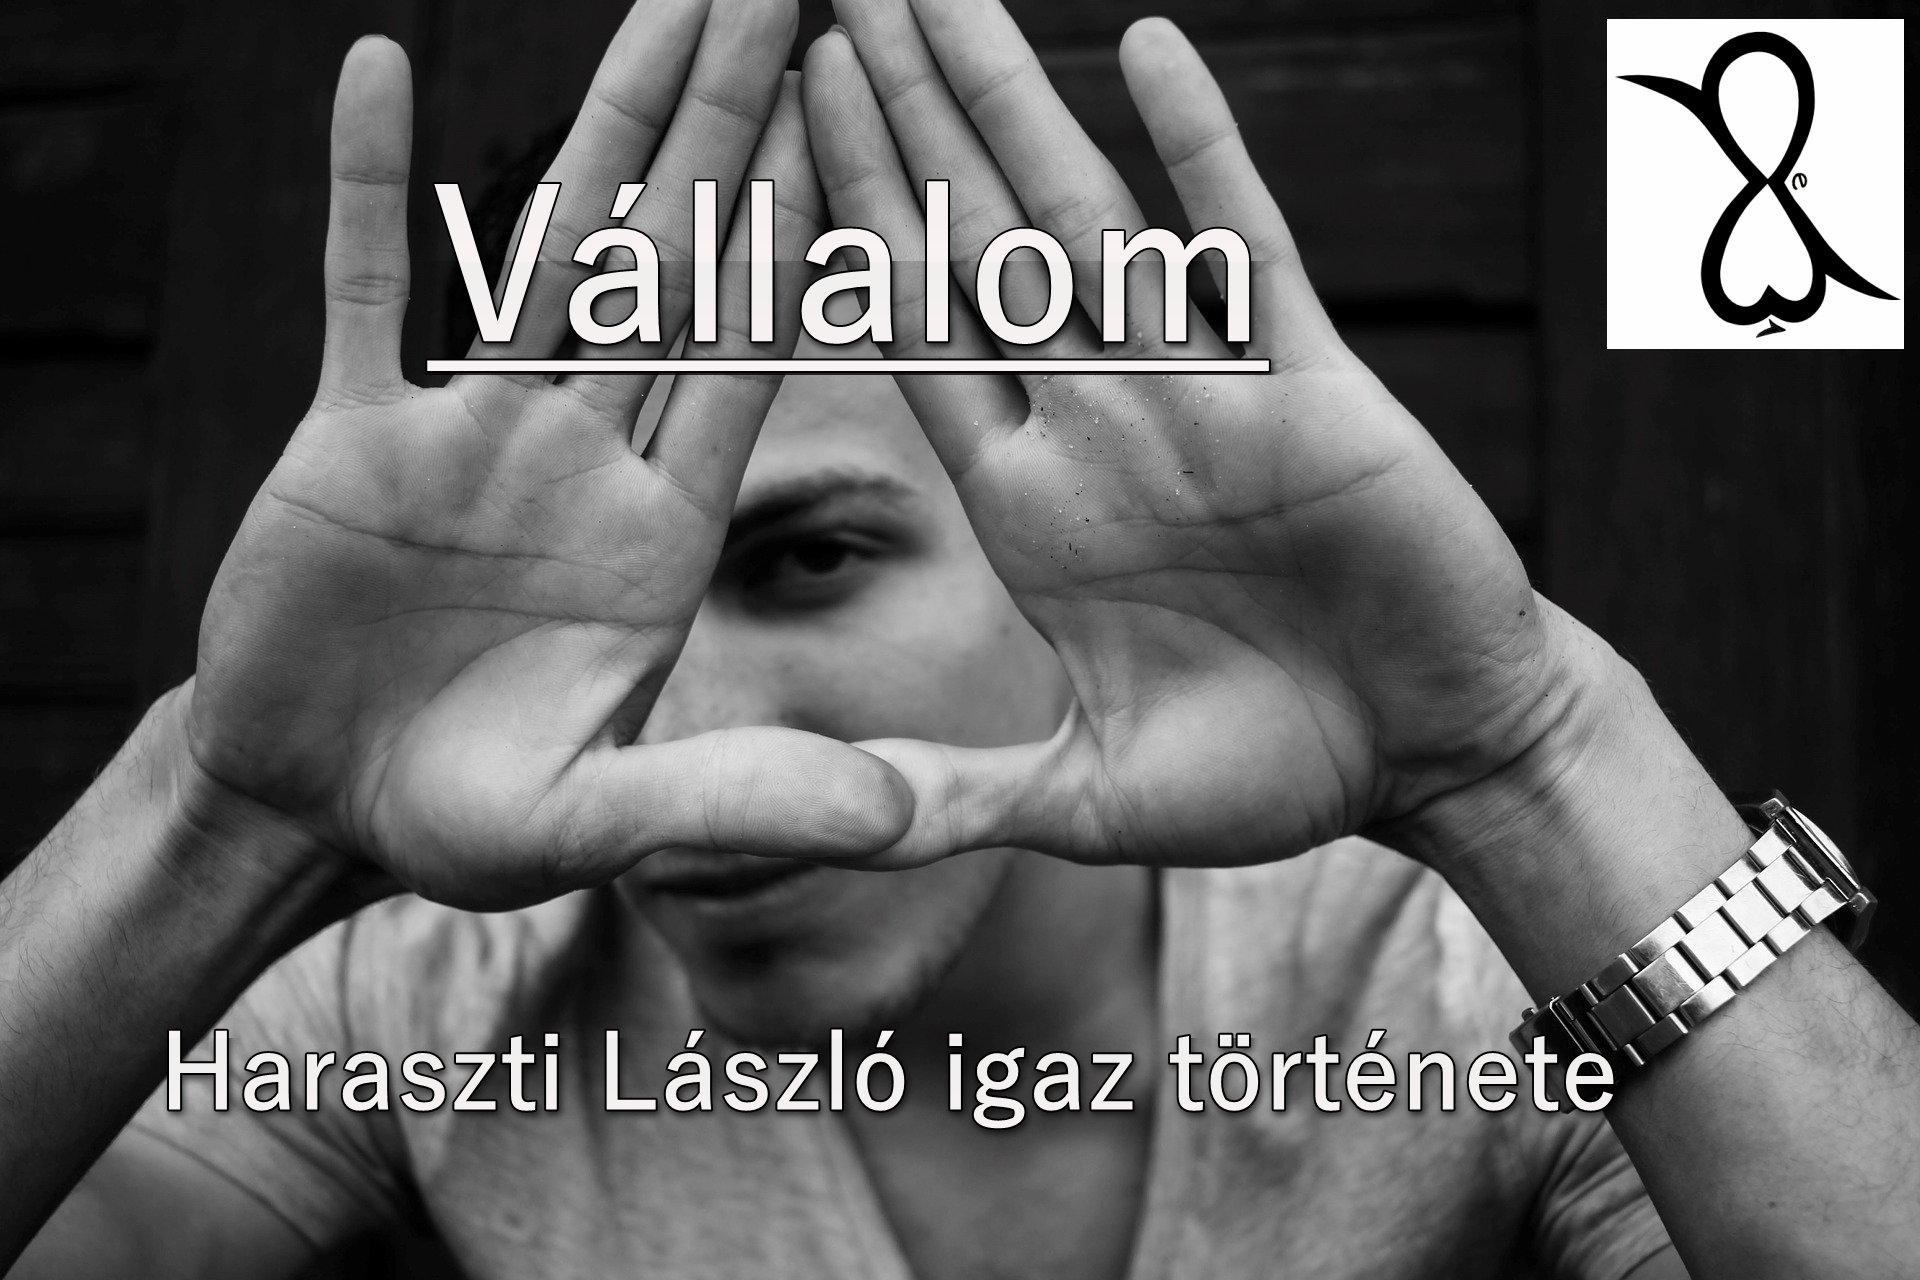 Vállalom (Haraszti László igaz története)